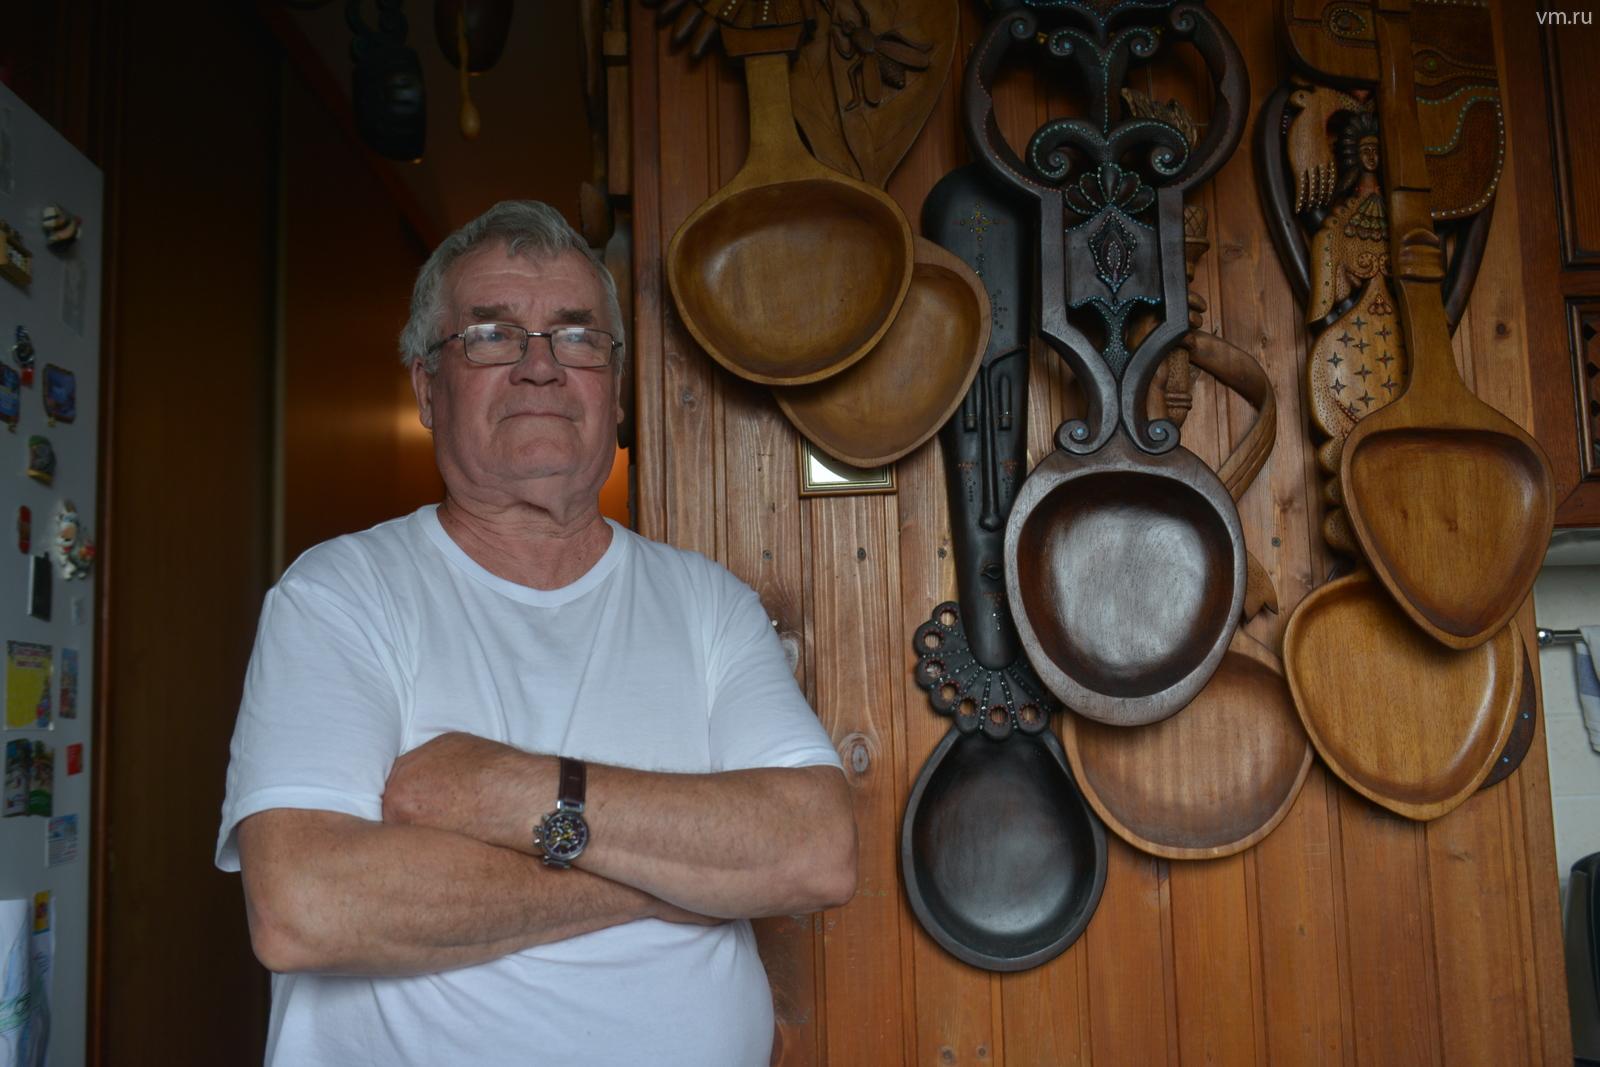 Работы Анатолия Ивановича побывали в Берлине, Кельне, на Кипре, его вазы, подносы, ложки, ключи все чаще «переезжали» в квартиры знаменитостей